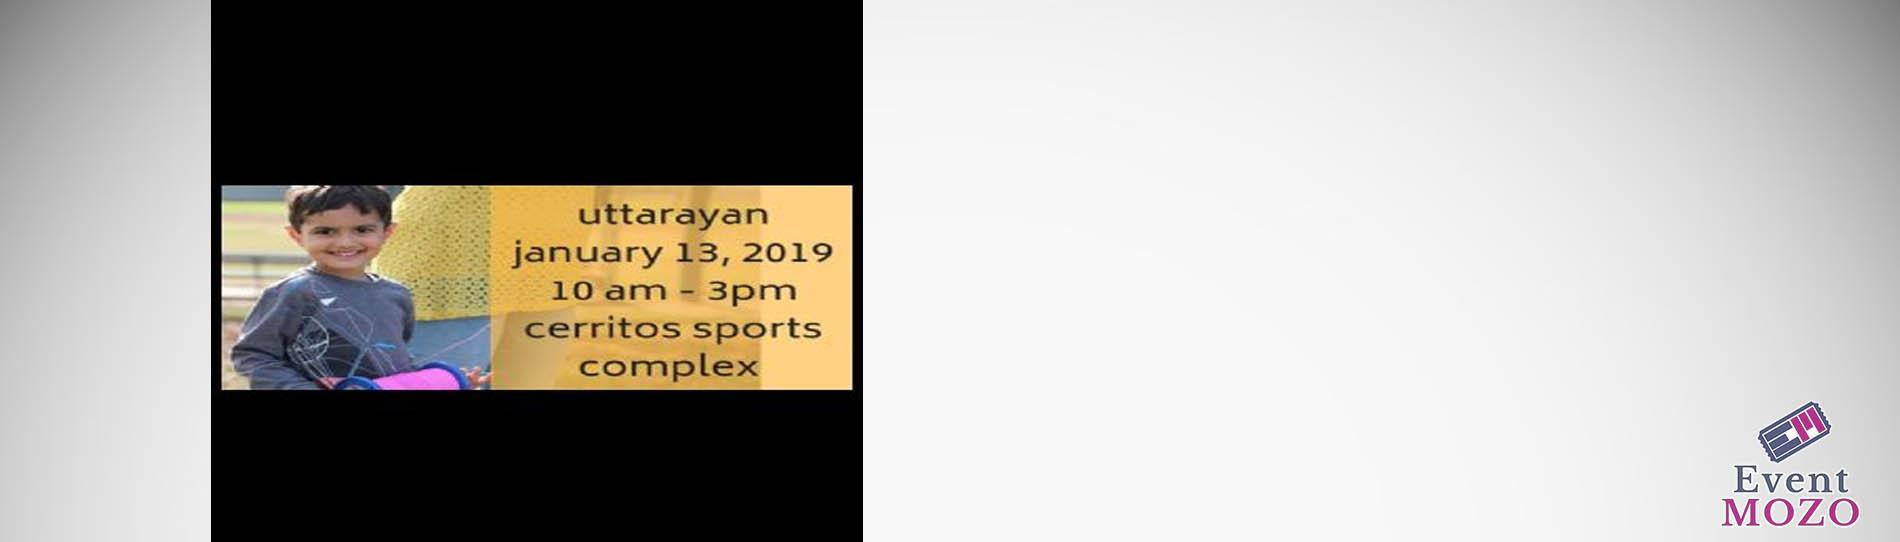 EventMozo Uttarayan 2019: Kite Flying Festival